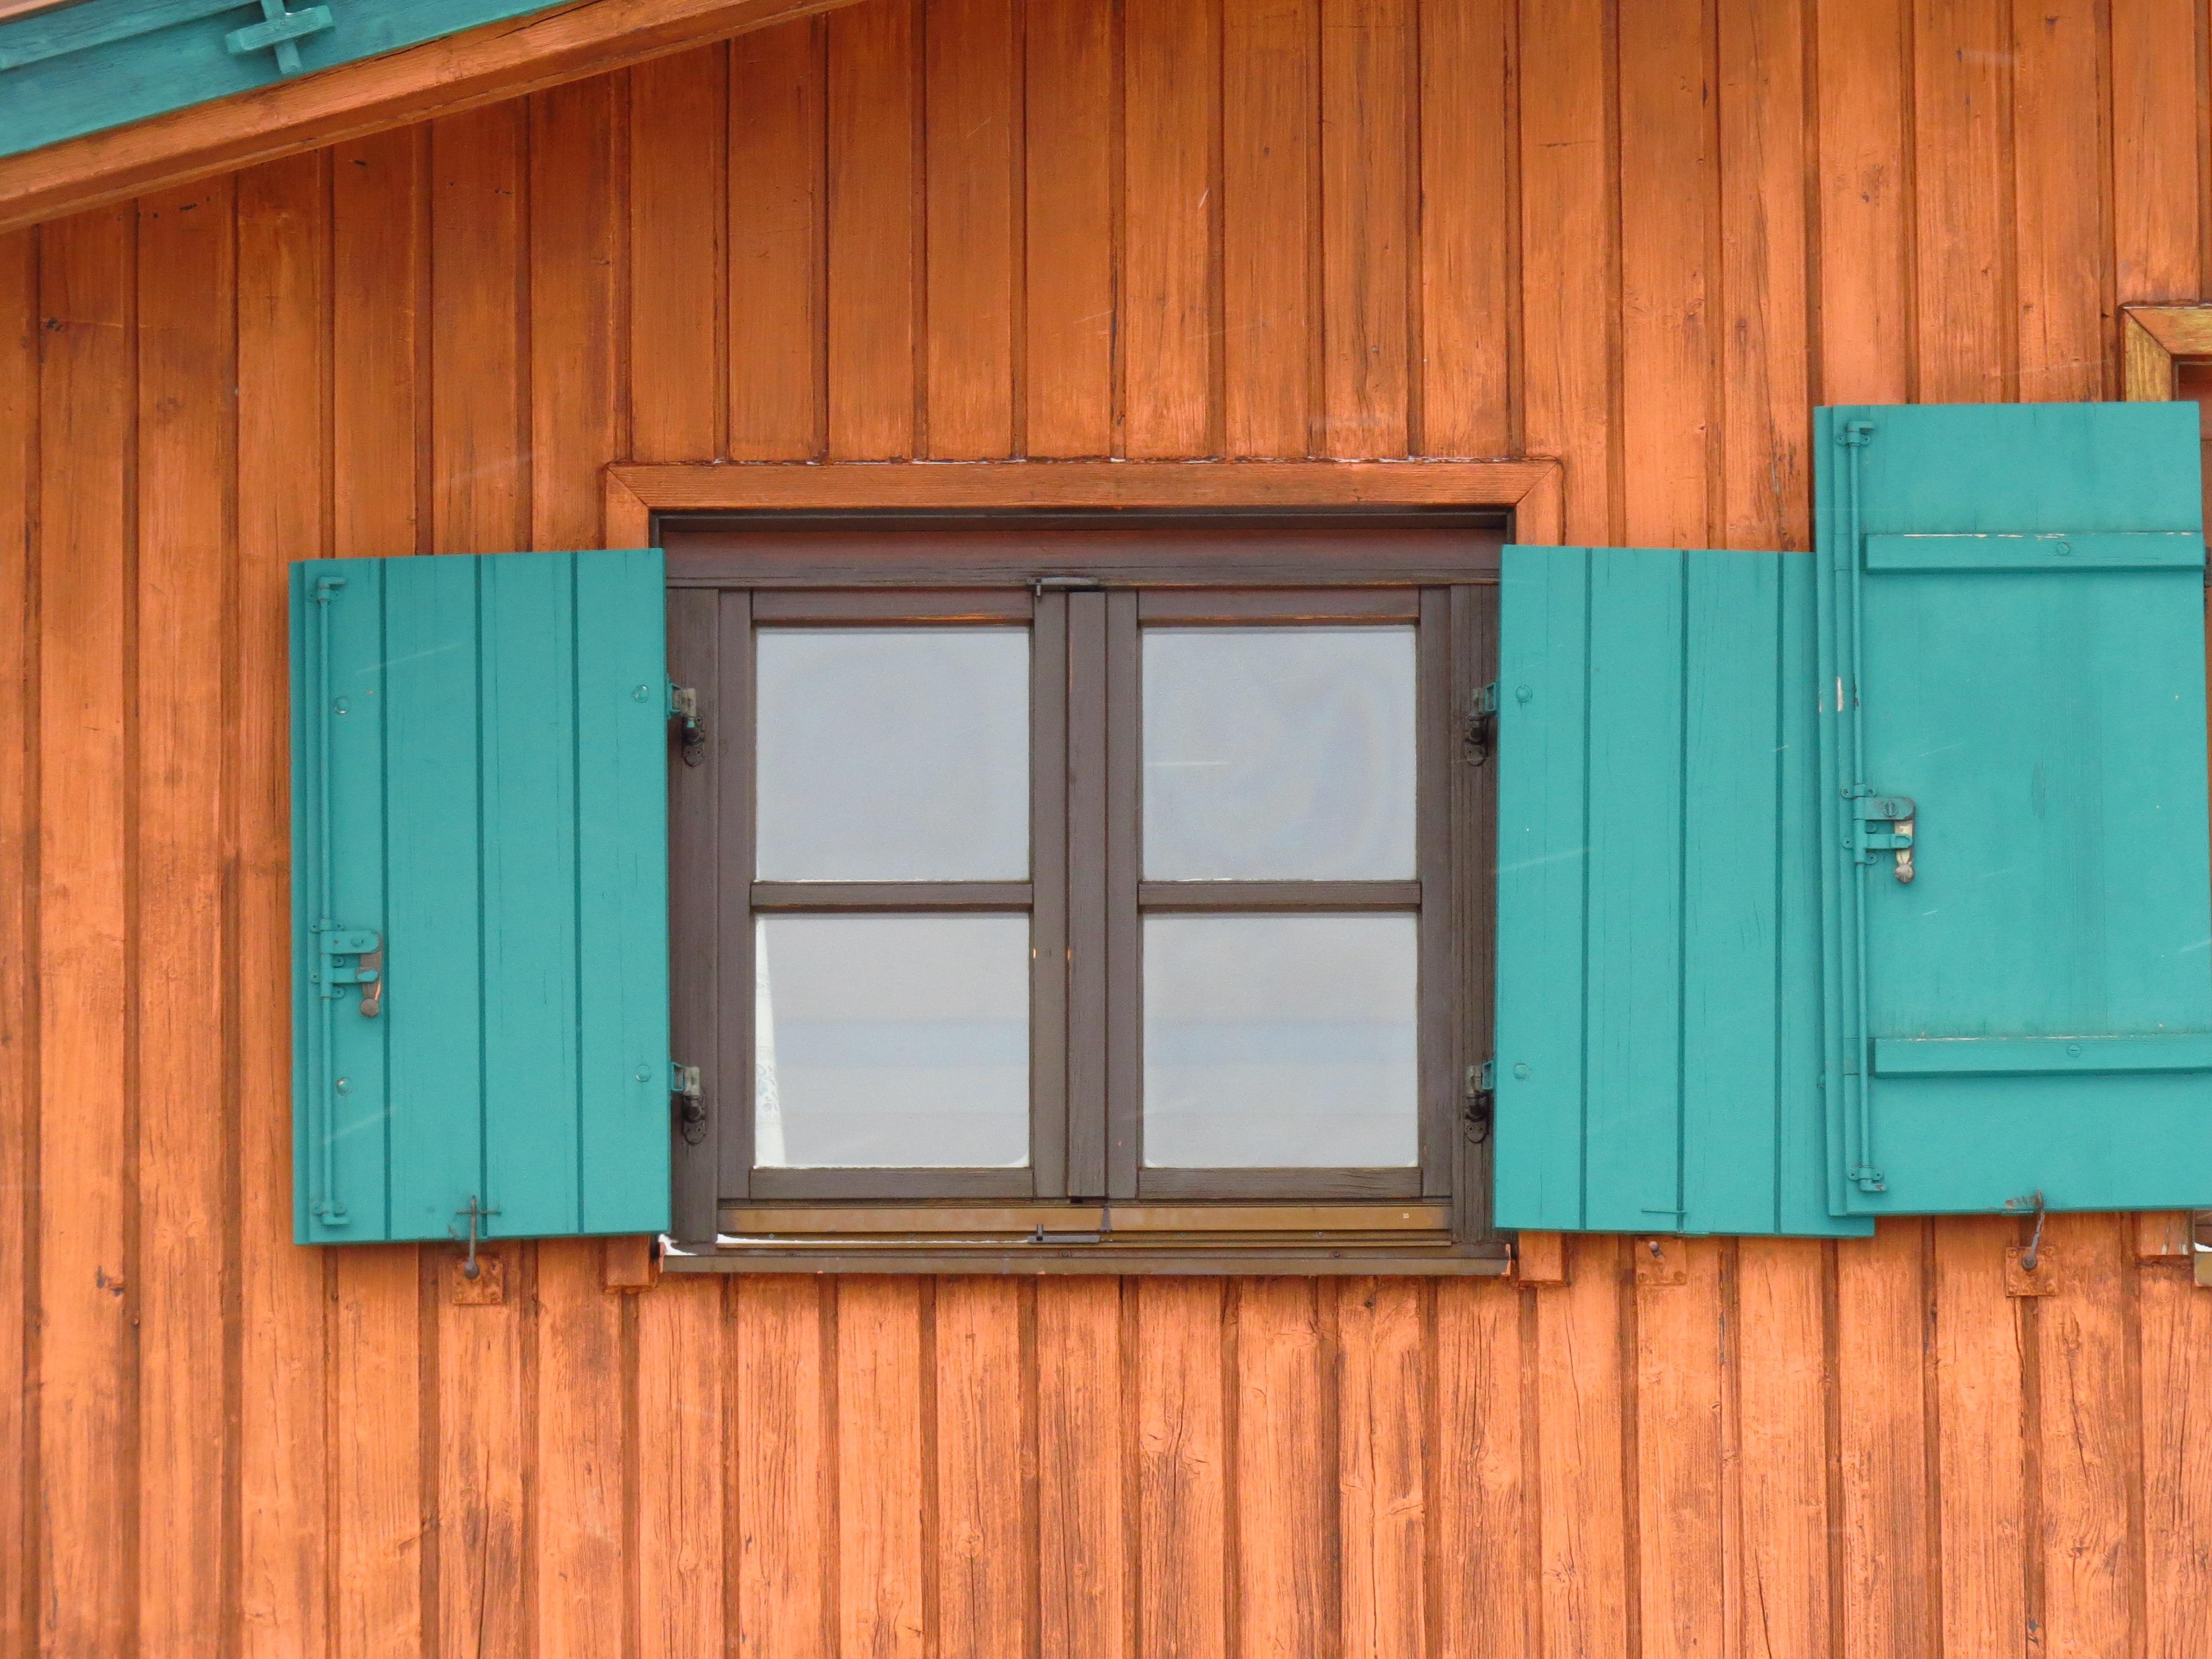 Fotoğraf Ev Zemin Pencere Bina Duvar Dökmek Yeşil Renk